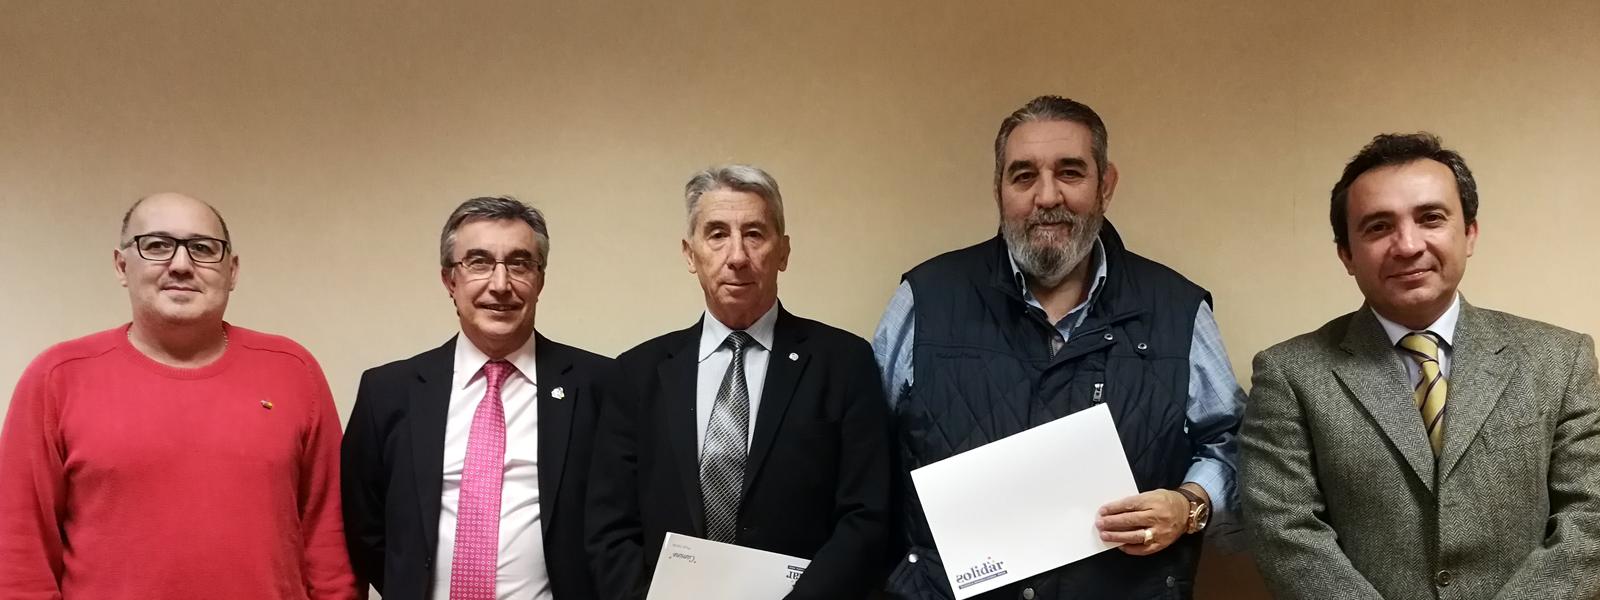 Reunión del jurado de los Certificados Solidar